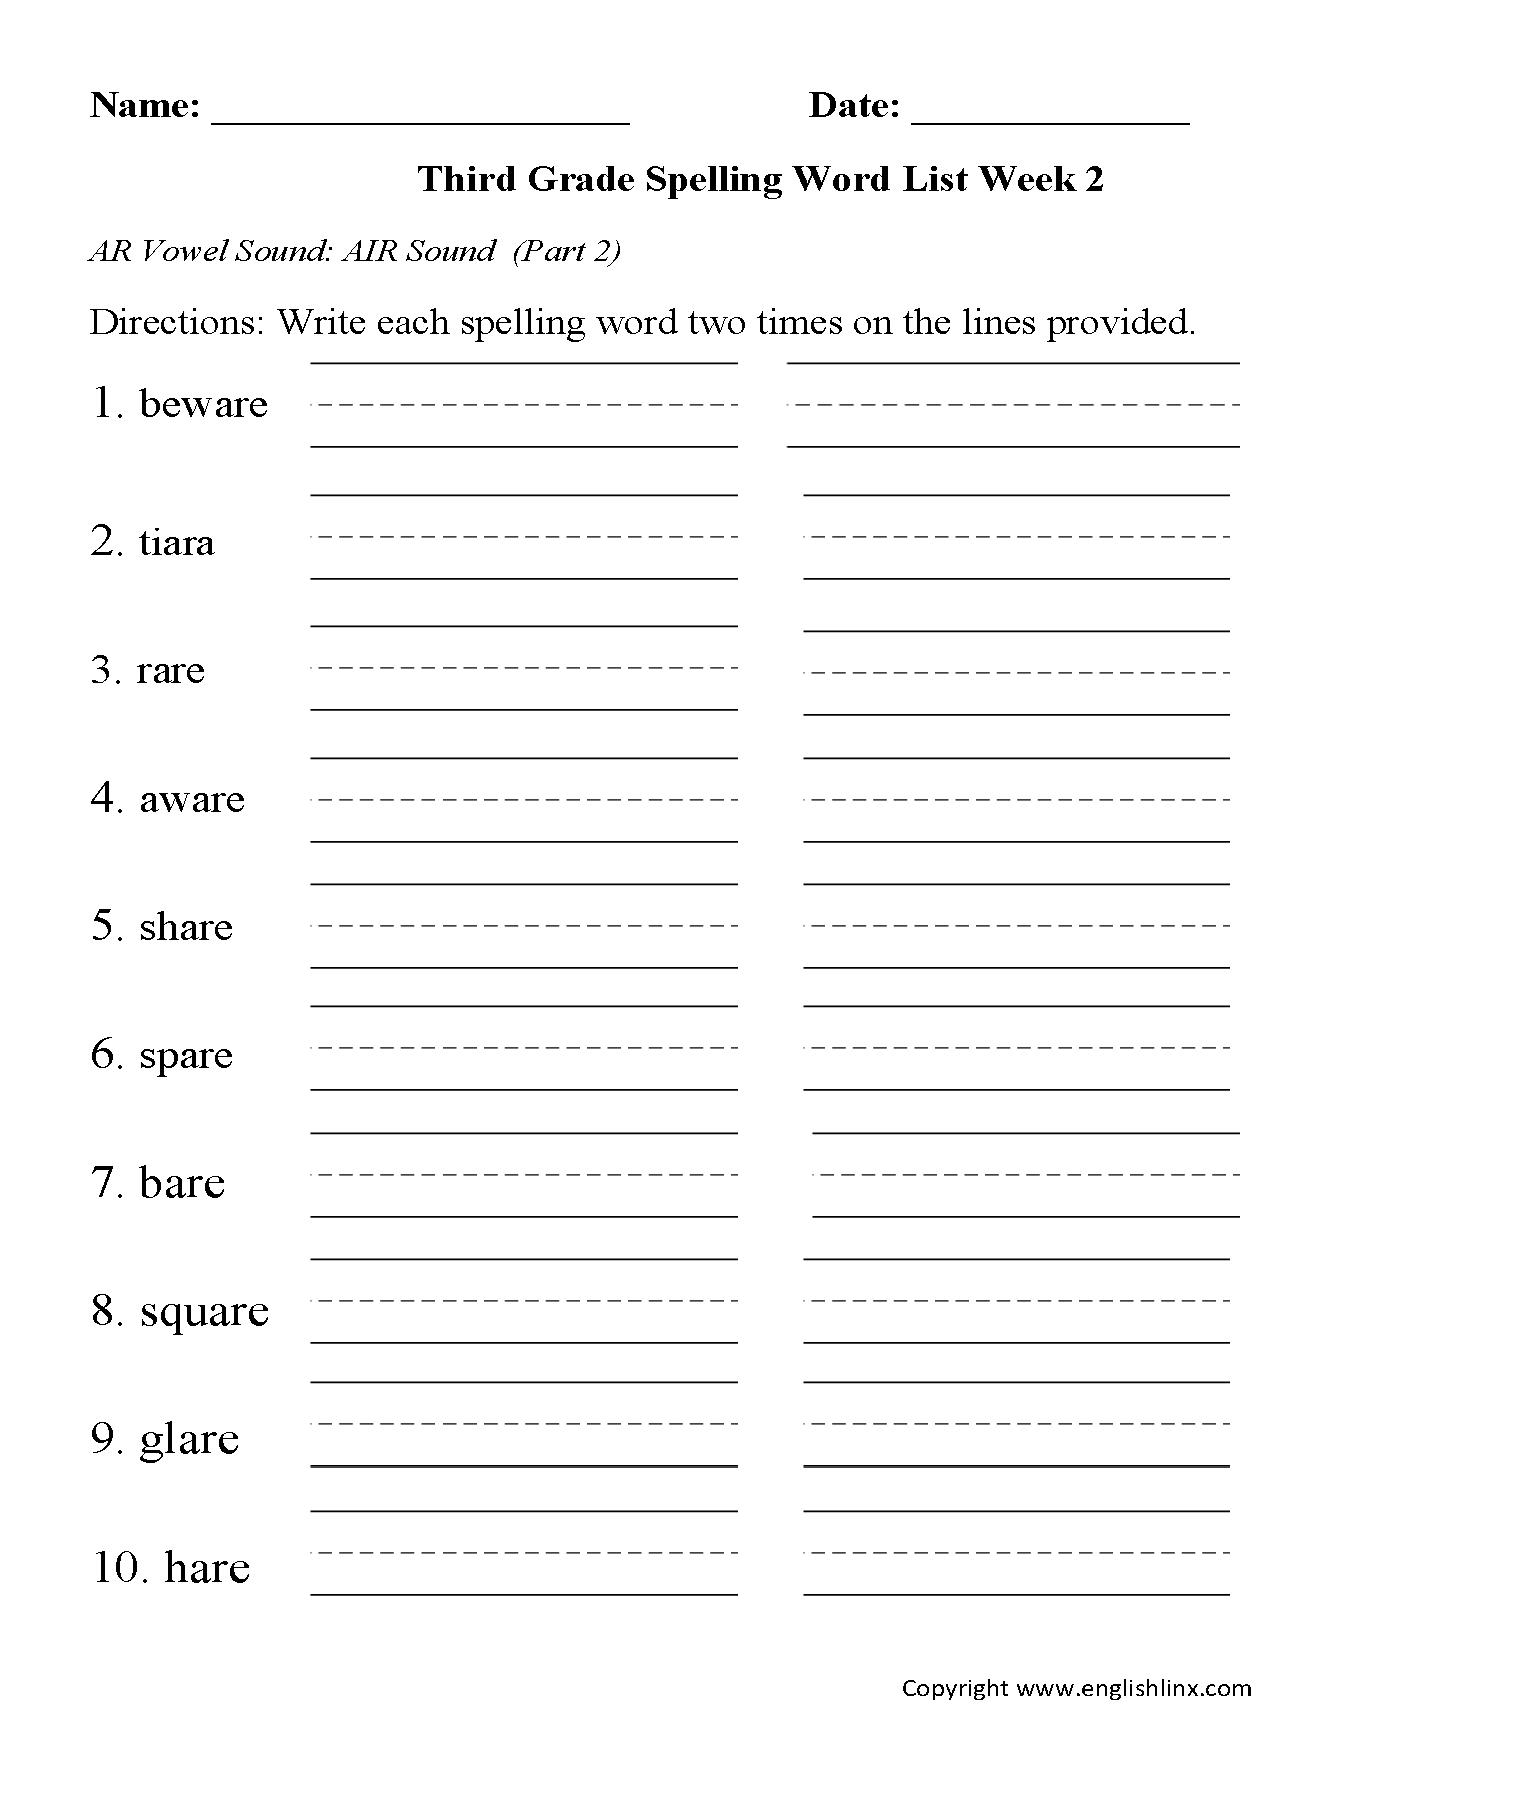 Spelling Worksheets Third Grade Spelling Words Worksheets